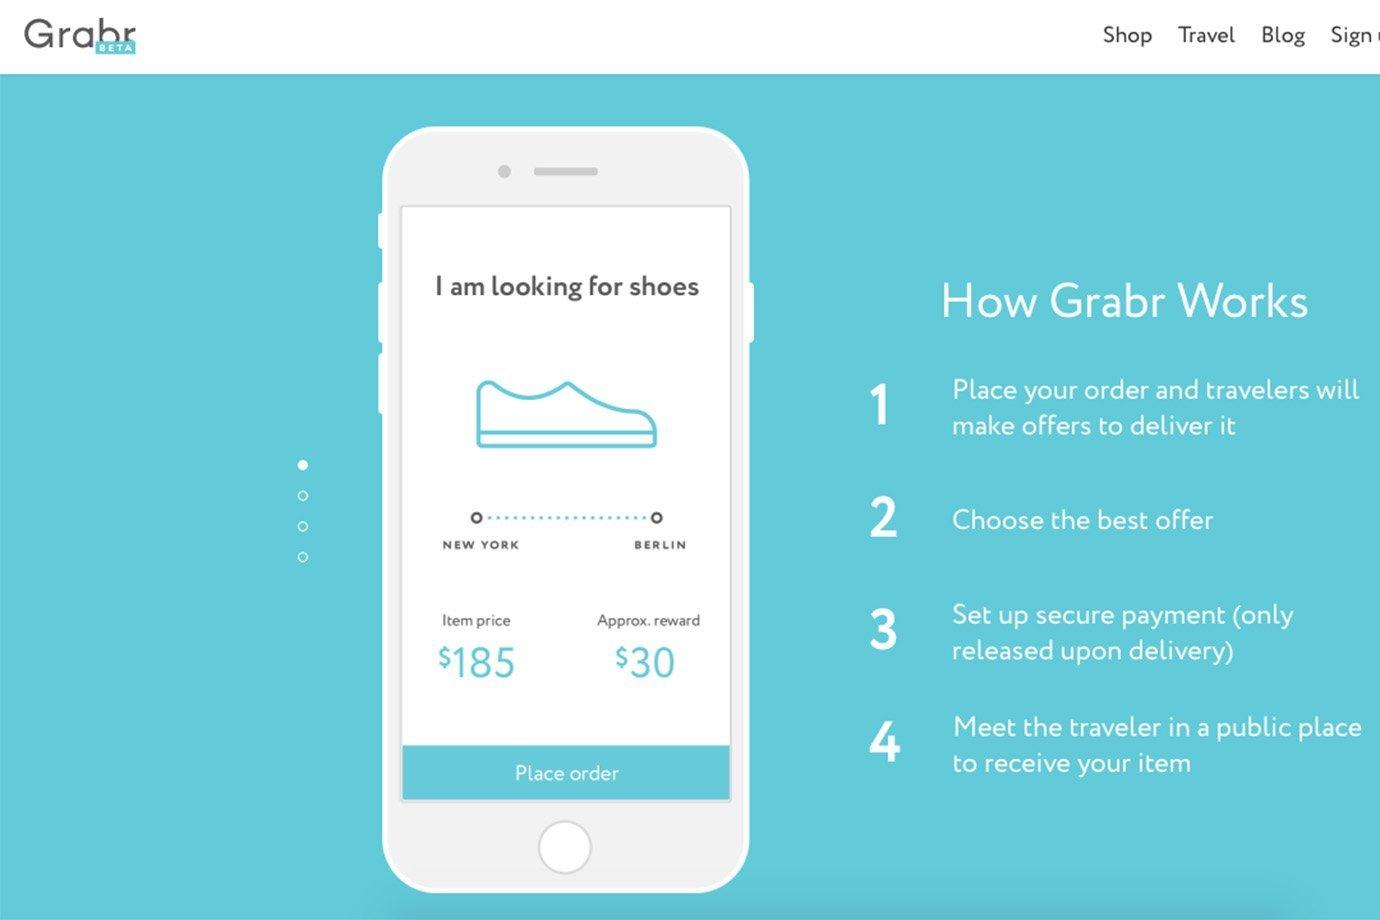 Instruções para usar o Grabr, no site da plataforma